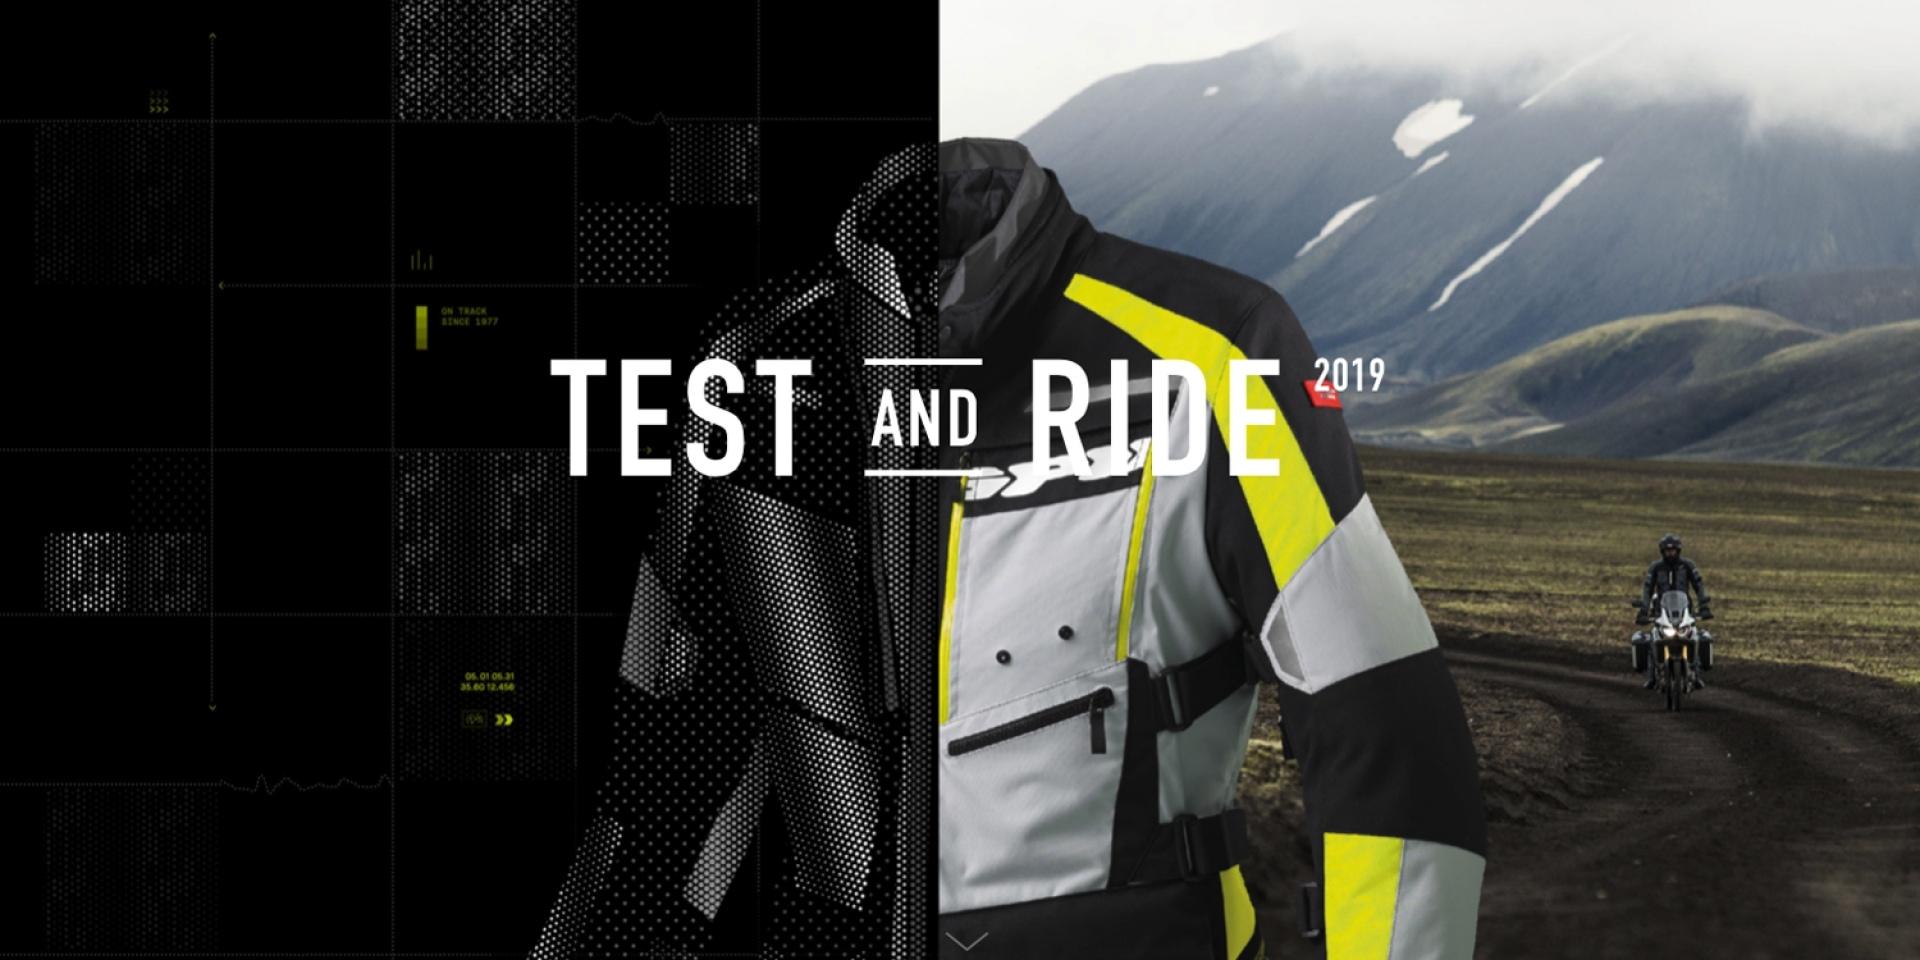 想要來場1500公里的摩托車壯遊嗎?SPIDI招募防摔部品測試車手